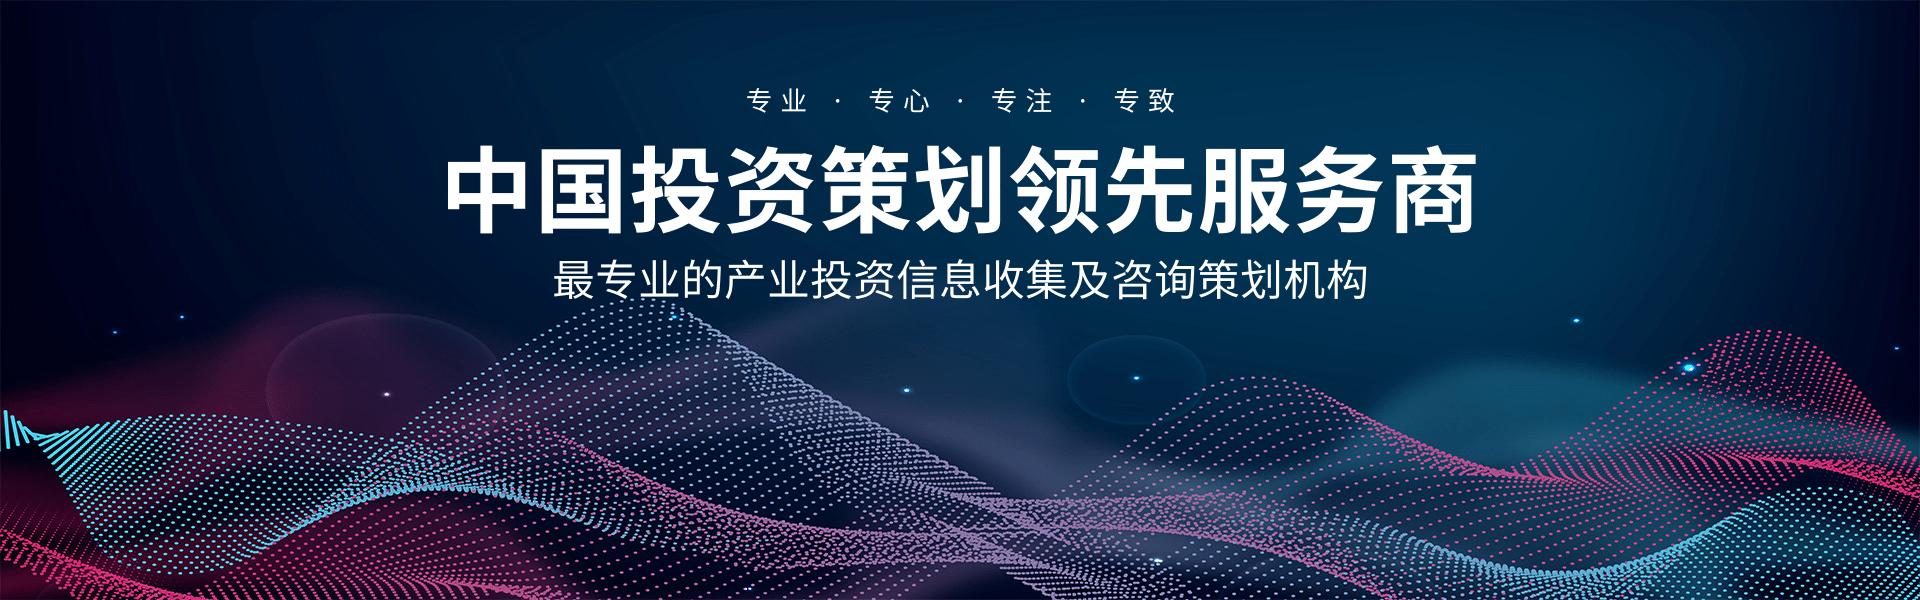 科技风活动会议场地banner@凡科快图.png